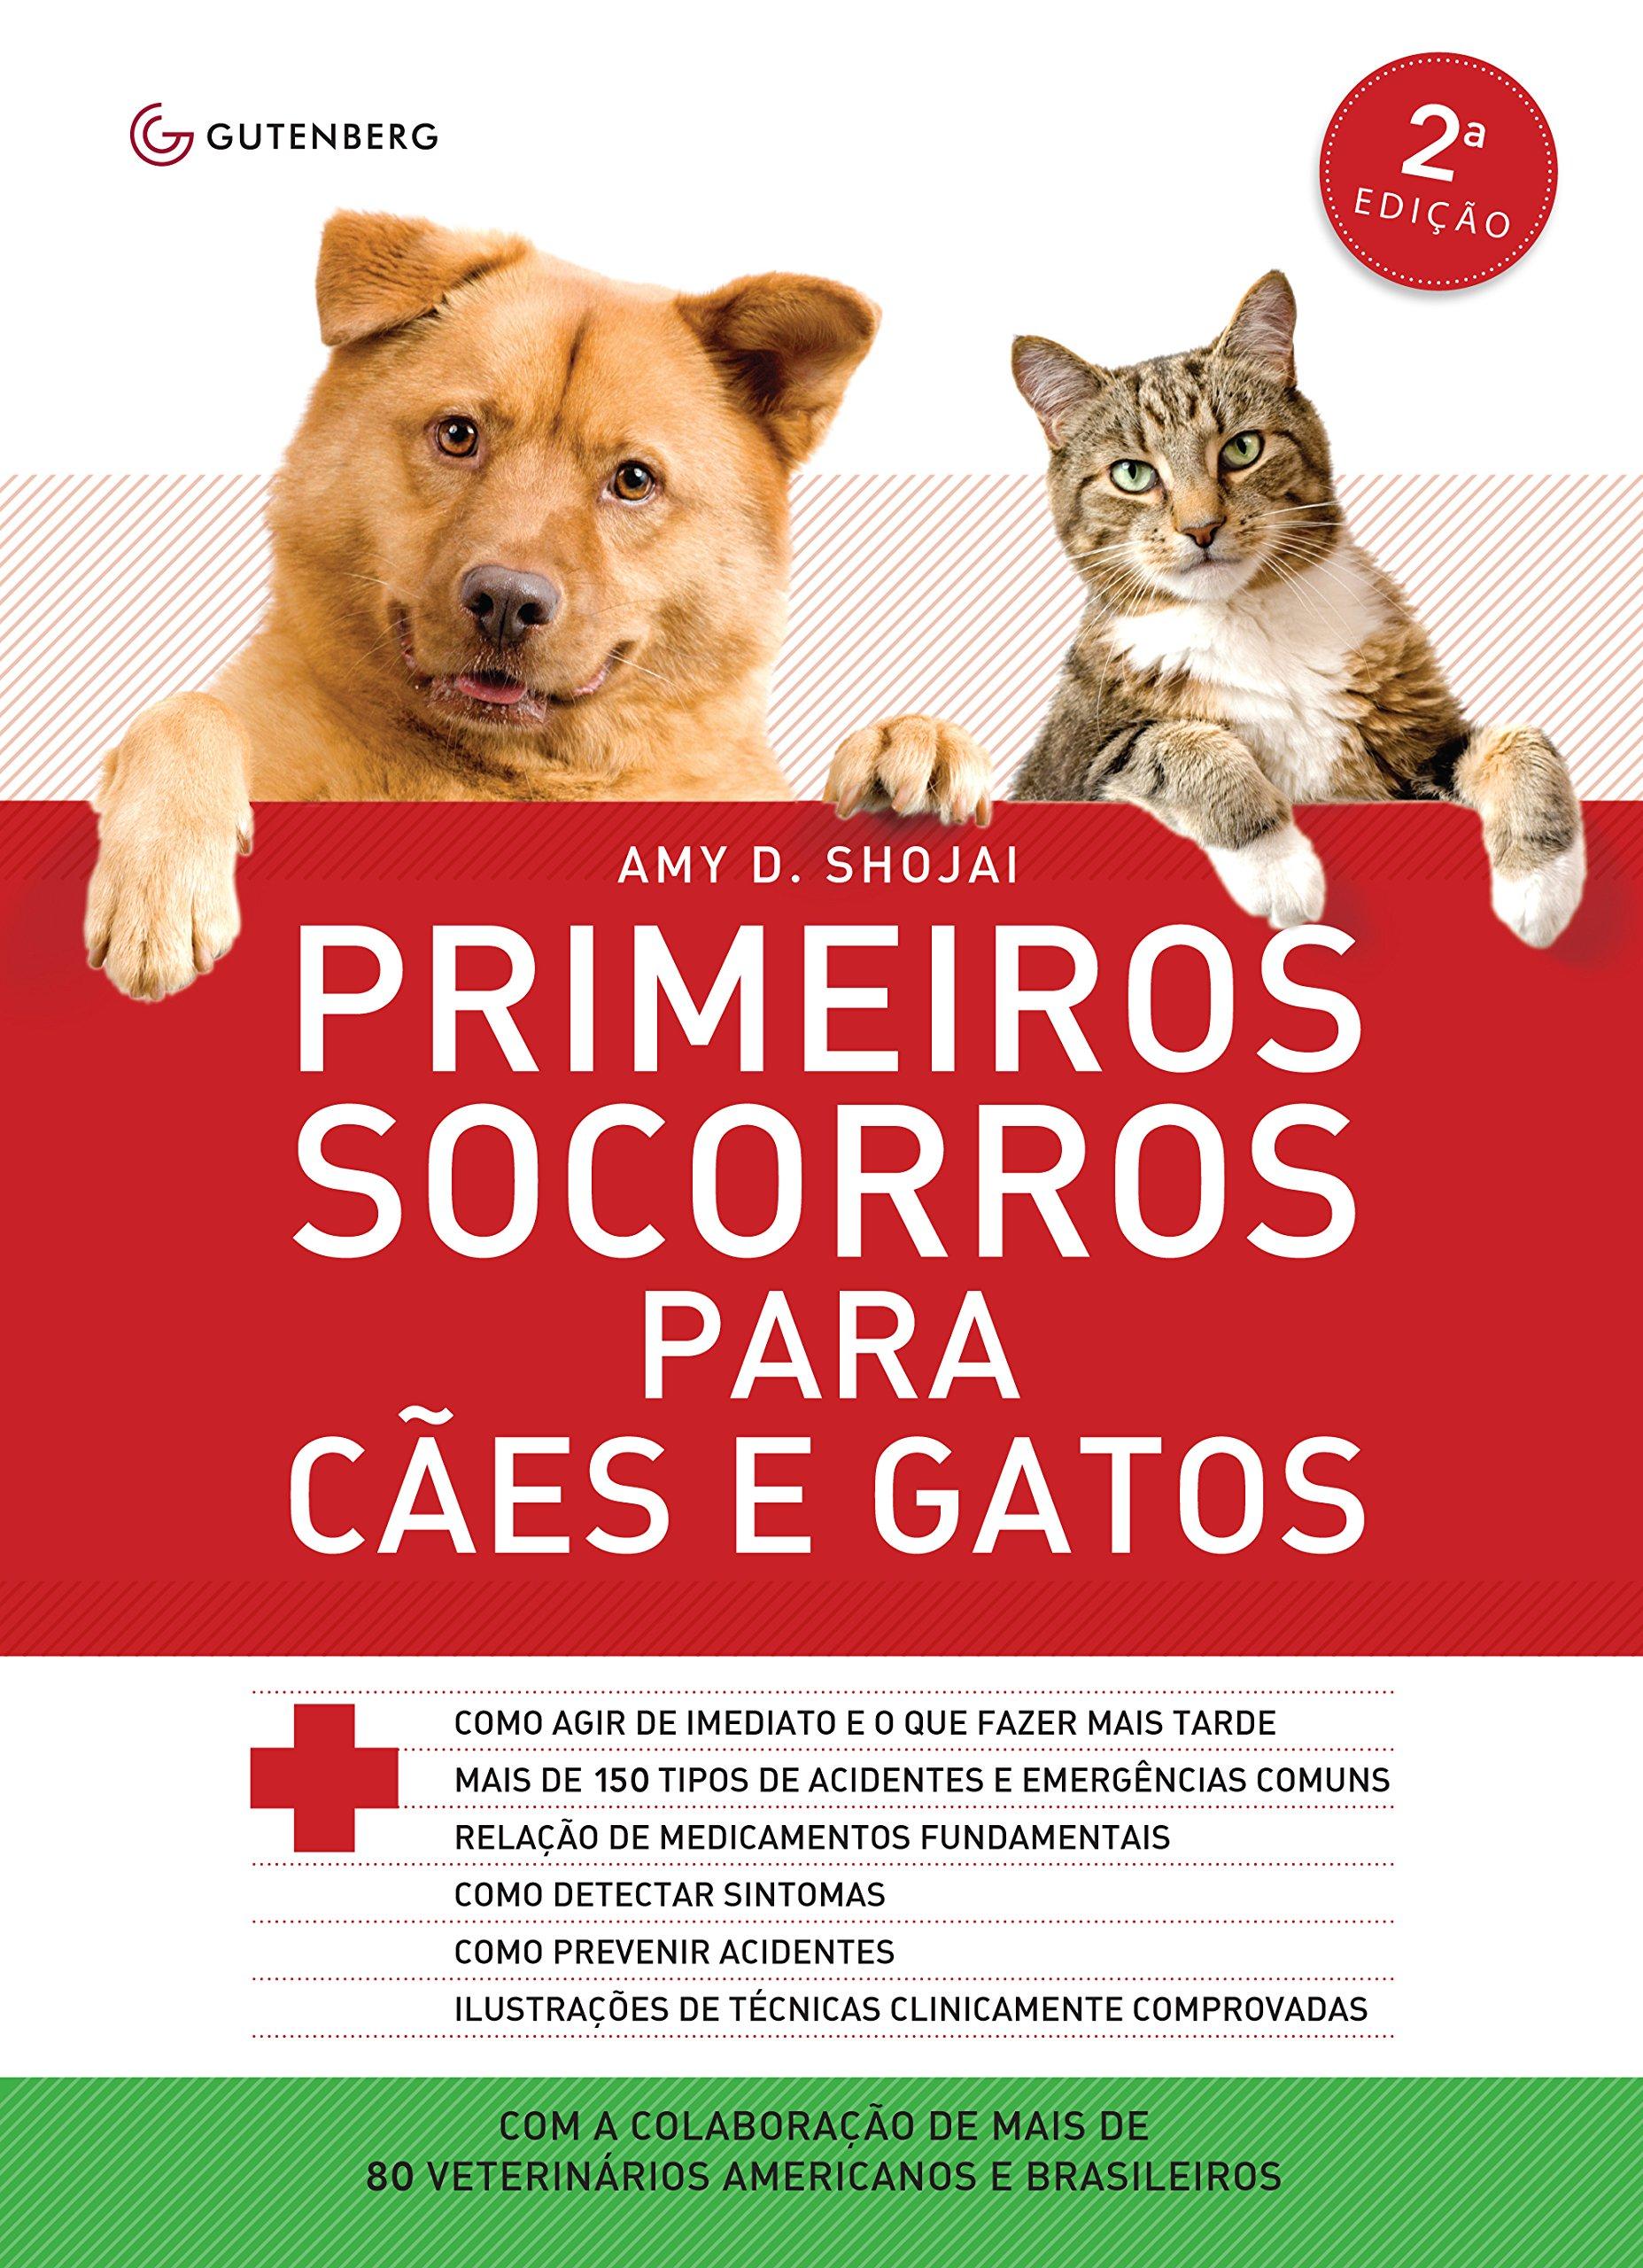 Primeiros Socorros Para Cães e Gatos (Em Portuguese do Brasil): Amy Shojai: 9788589239745: Amazon.com: Books